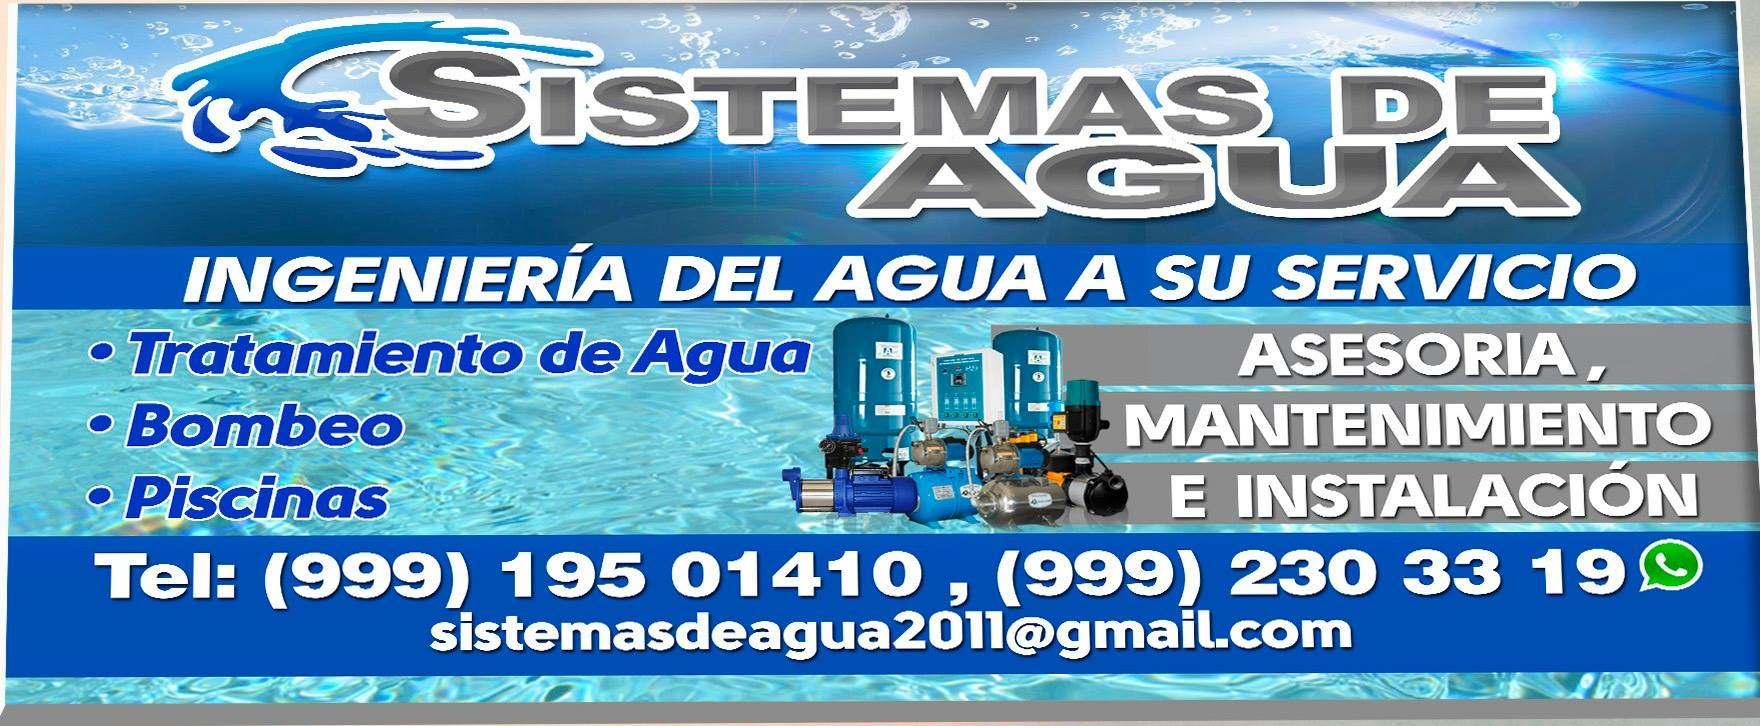 Sistemas De Agua De Yucatan